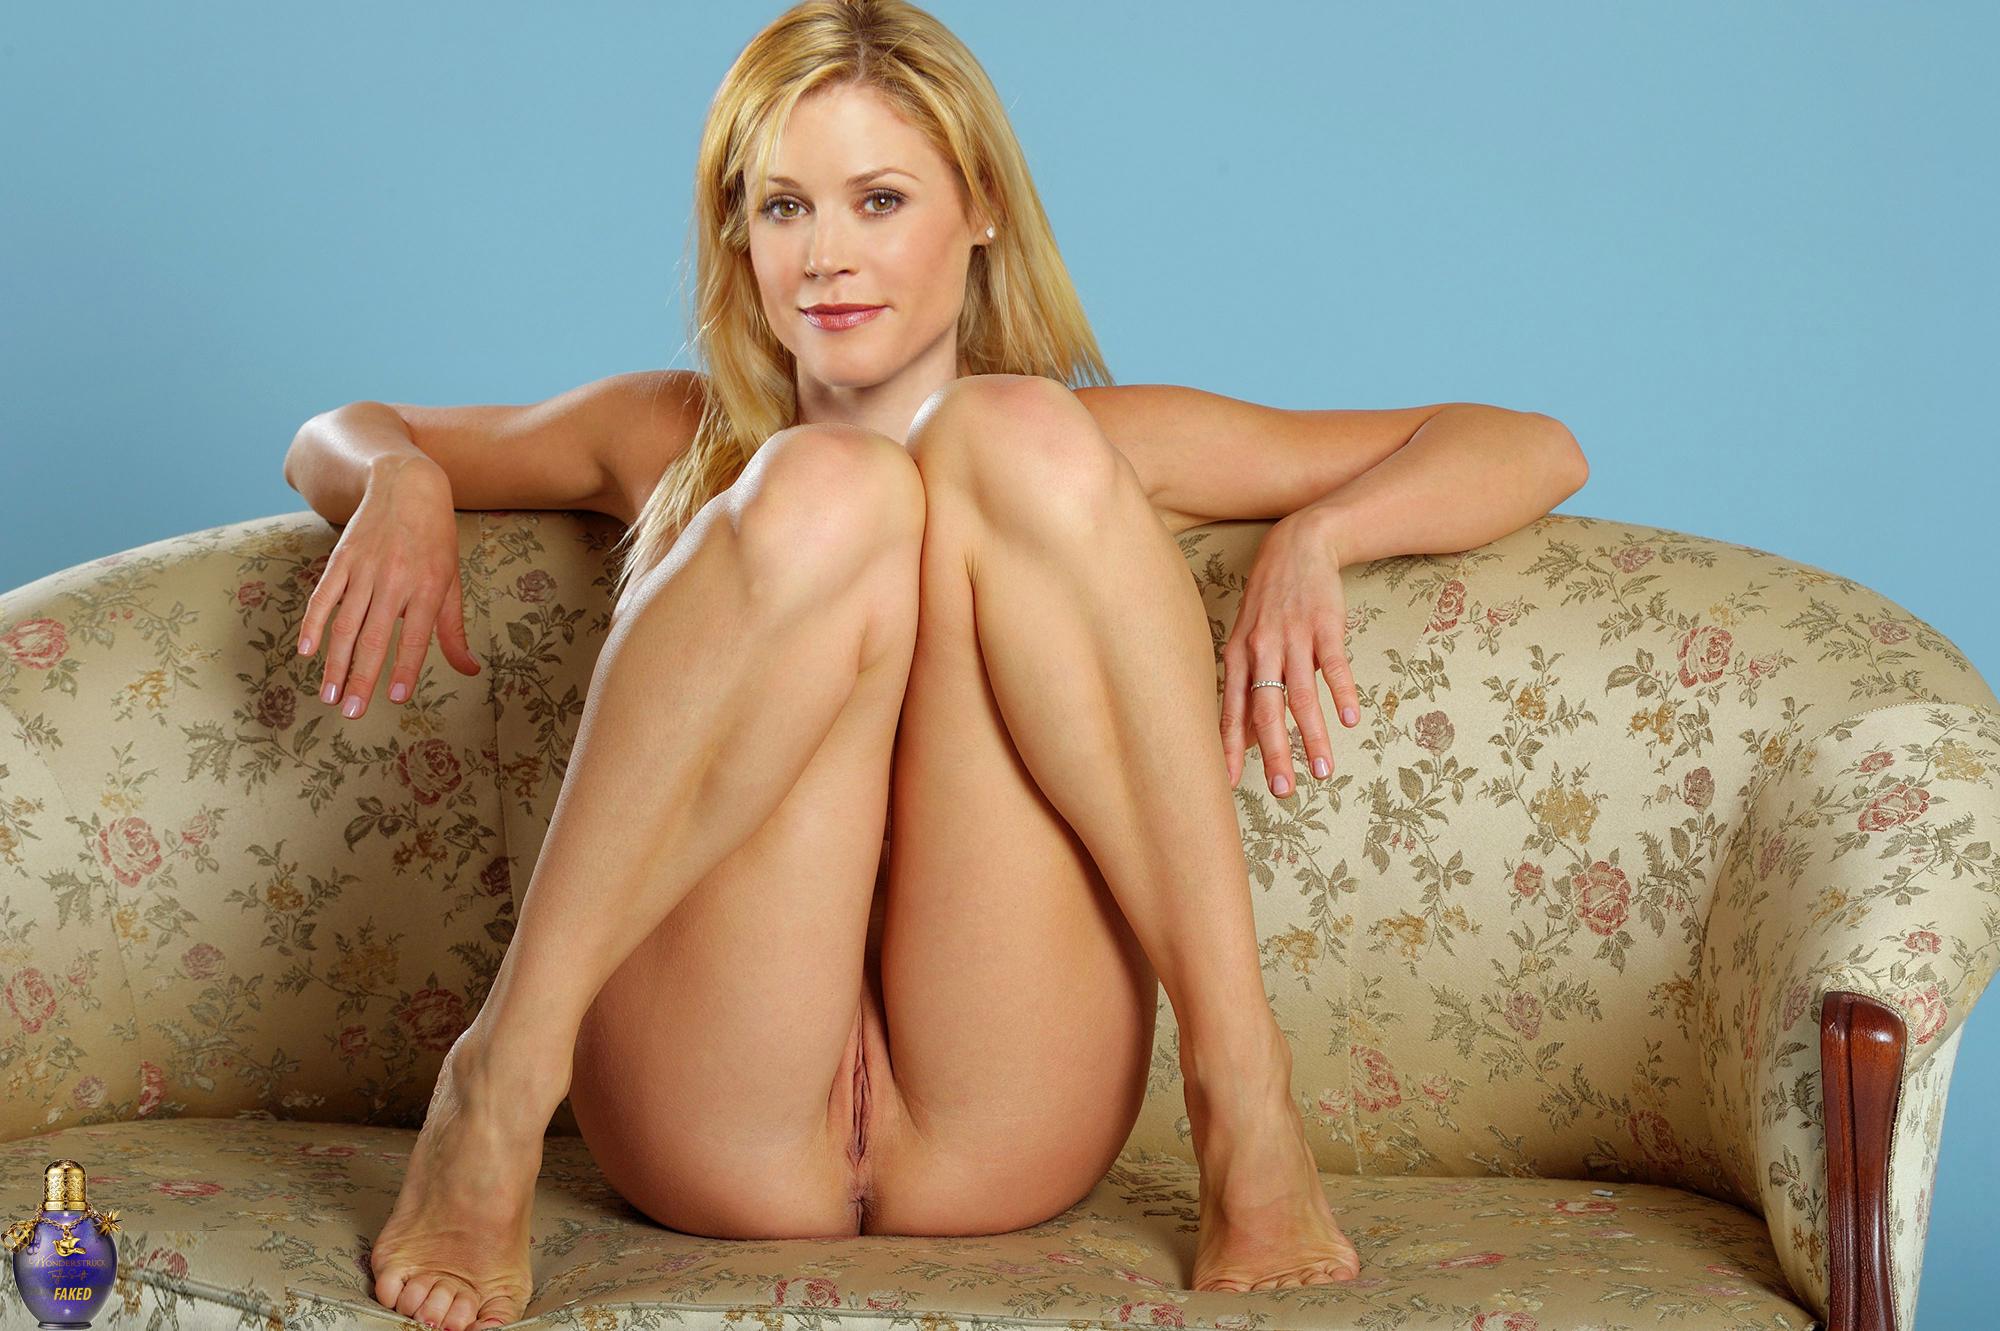 Julie nude fakes girl tennis